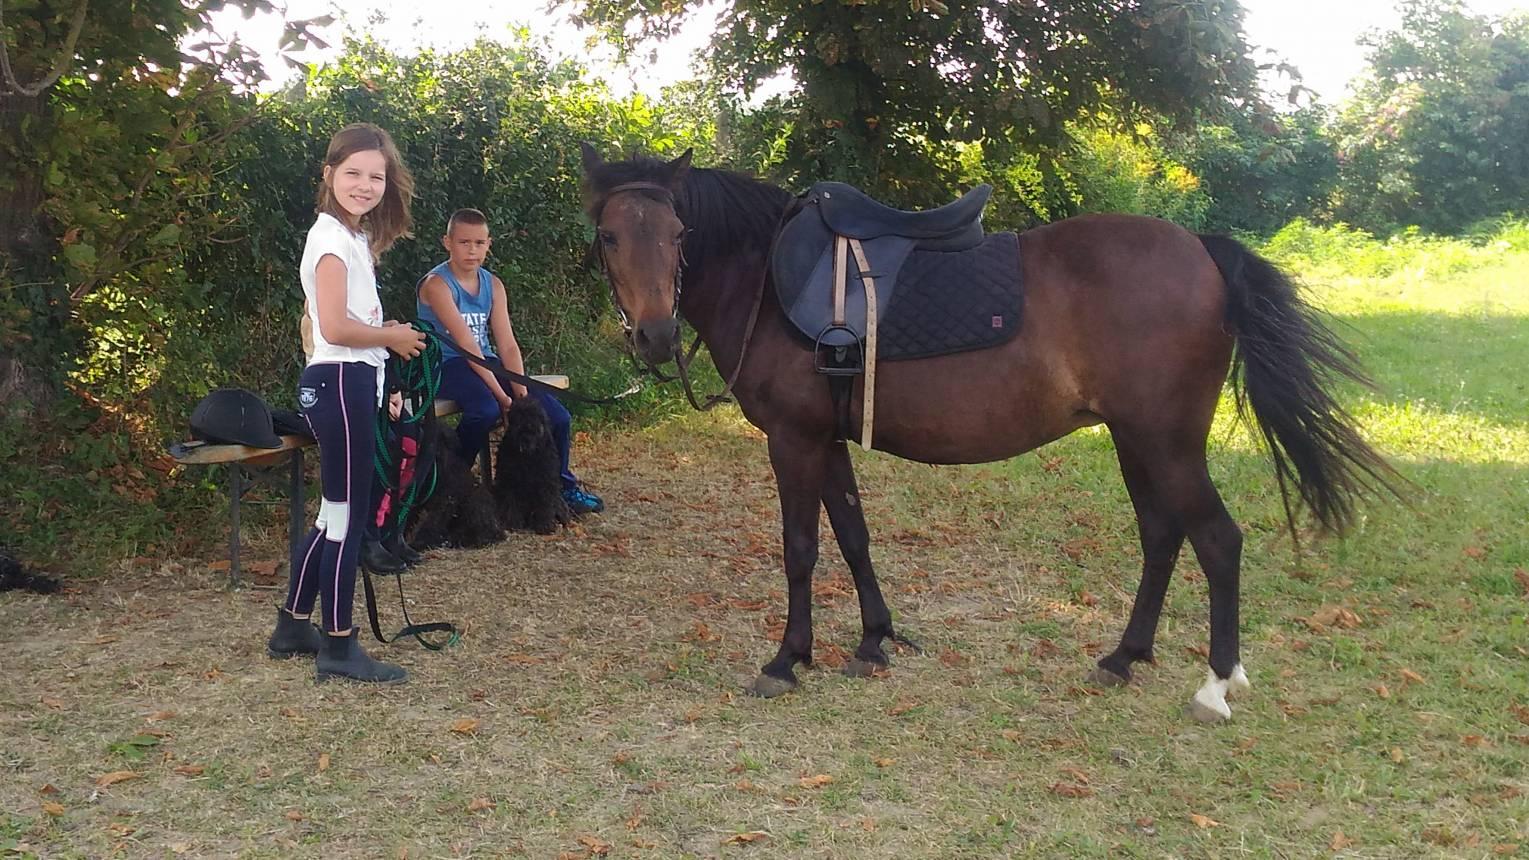 Futószáras lovas oktatás Zalakaros melletti farmon